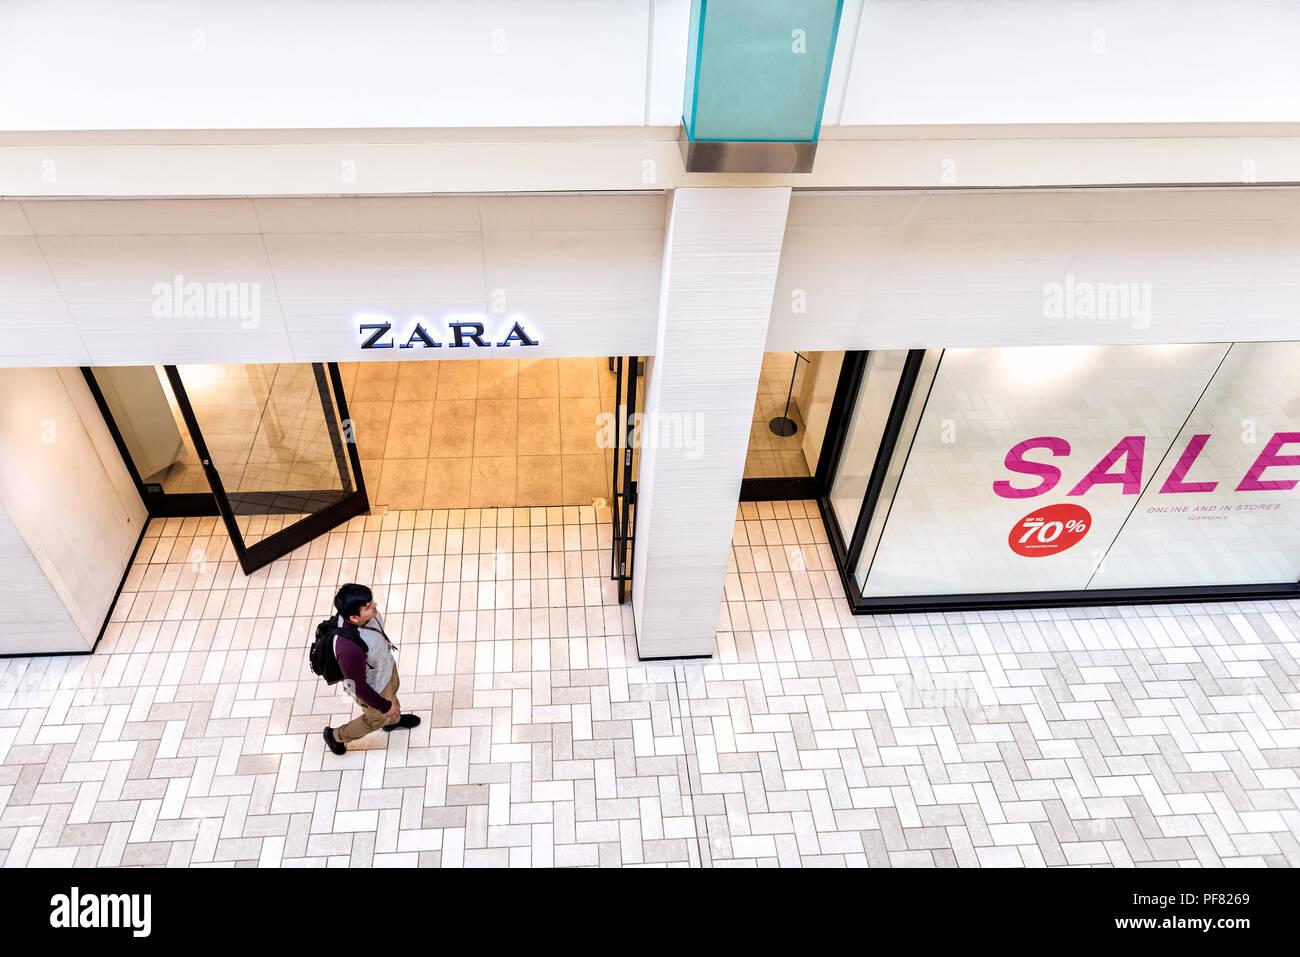 750a16e8c2cc59 Tysons Corner, Etats-Unis - le 26 janvier 2018 : fast fashion clothing,  vêtements, vêtements boutique spécialisée, magasin Zara avec avec les gens  marcher, ...